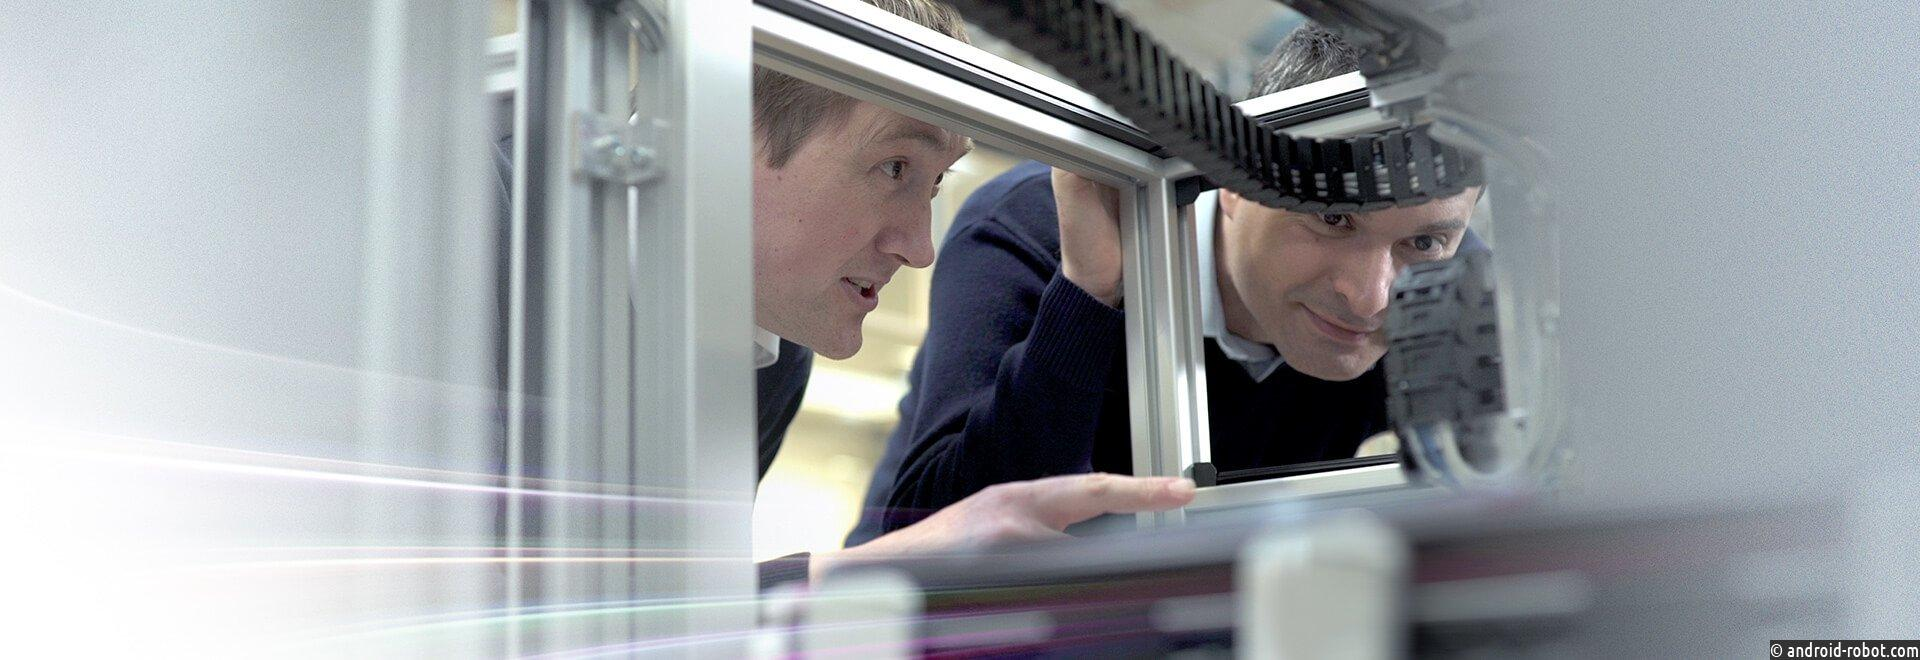 Аналитическая компания IDC представила отчет по продажам на мировых рынках печатной техники